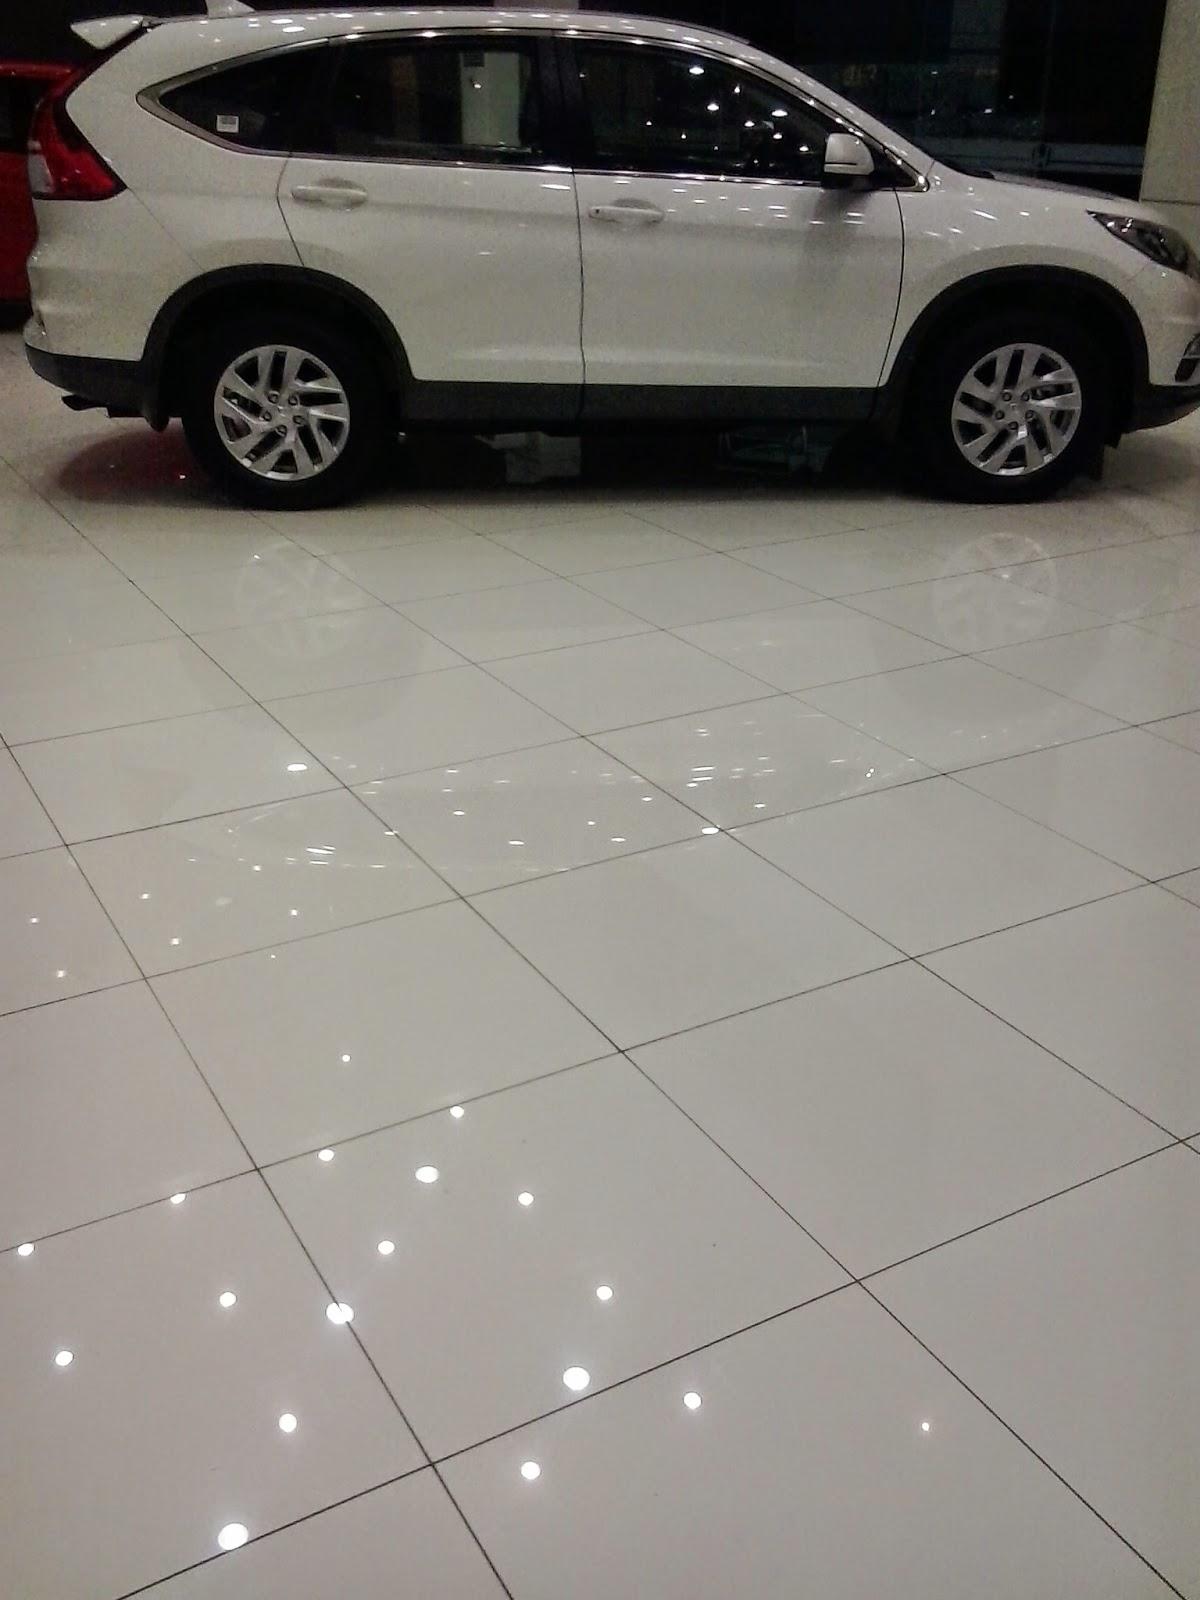 Dealer Mobil Jatisampurna , Pelanggan dapat datang Ke dealer Untuk Melihat Mobil Honda seperti Brio, Mobilio, BRV, HRV dll